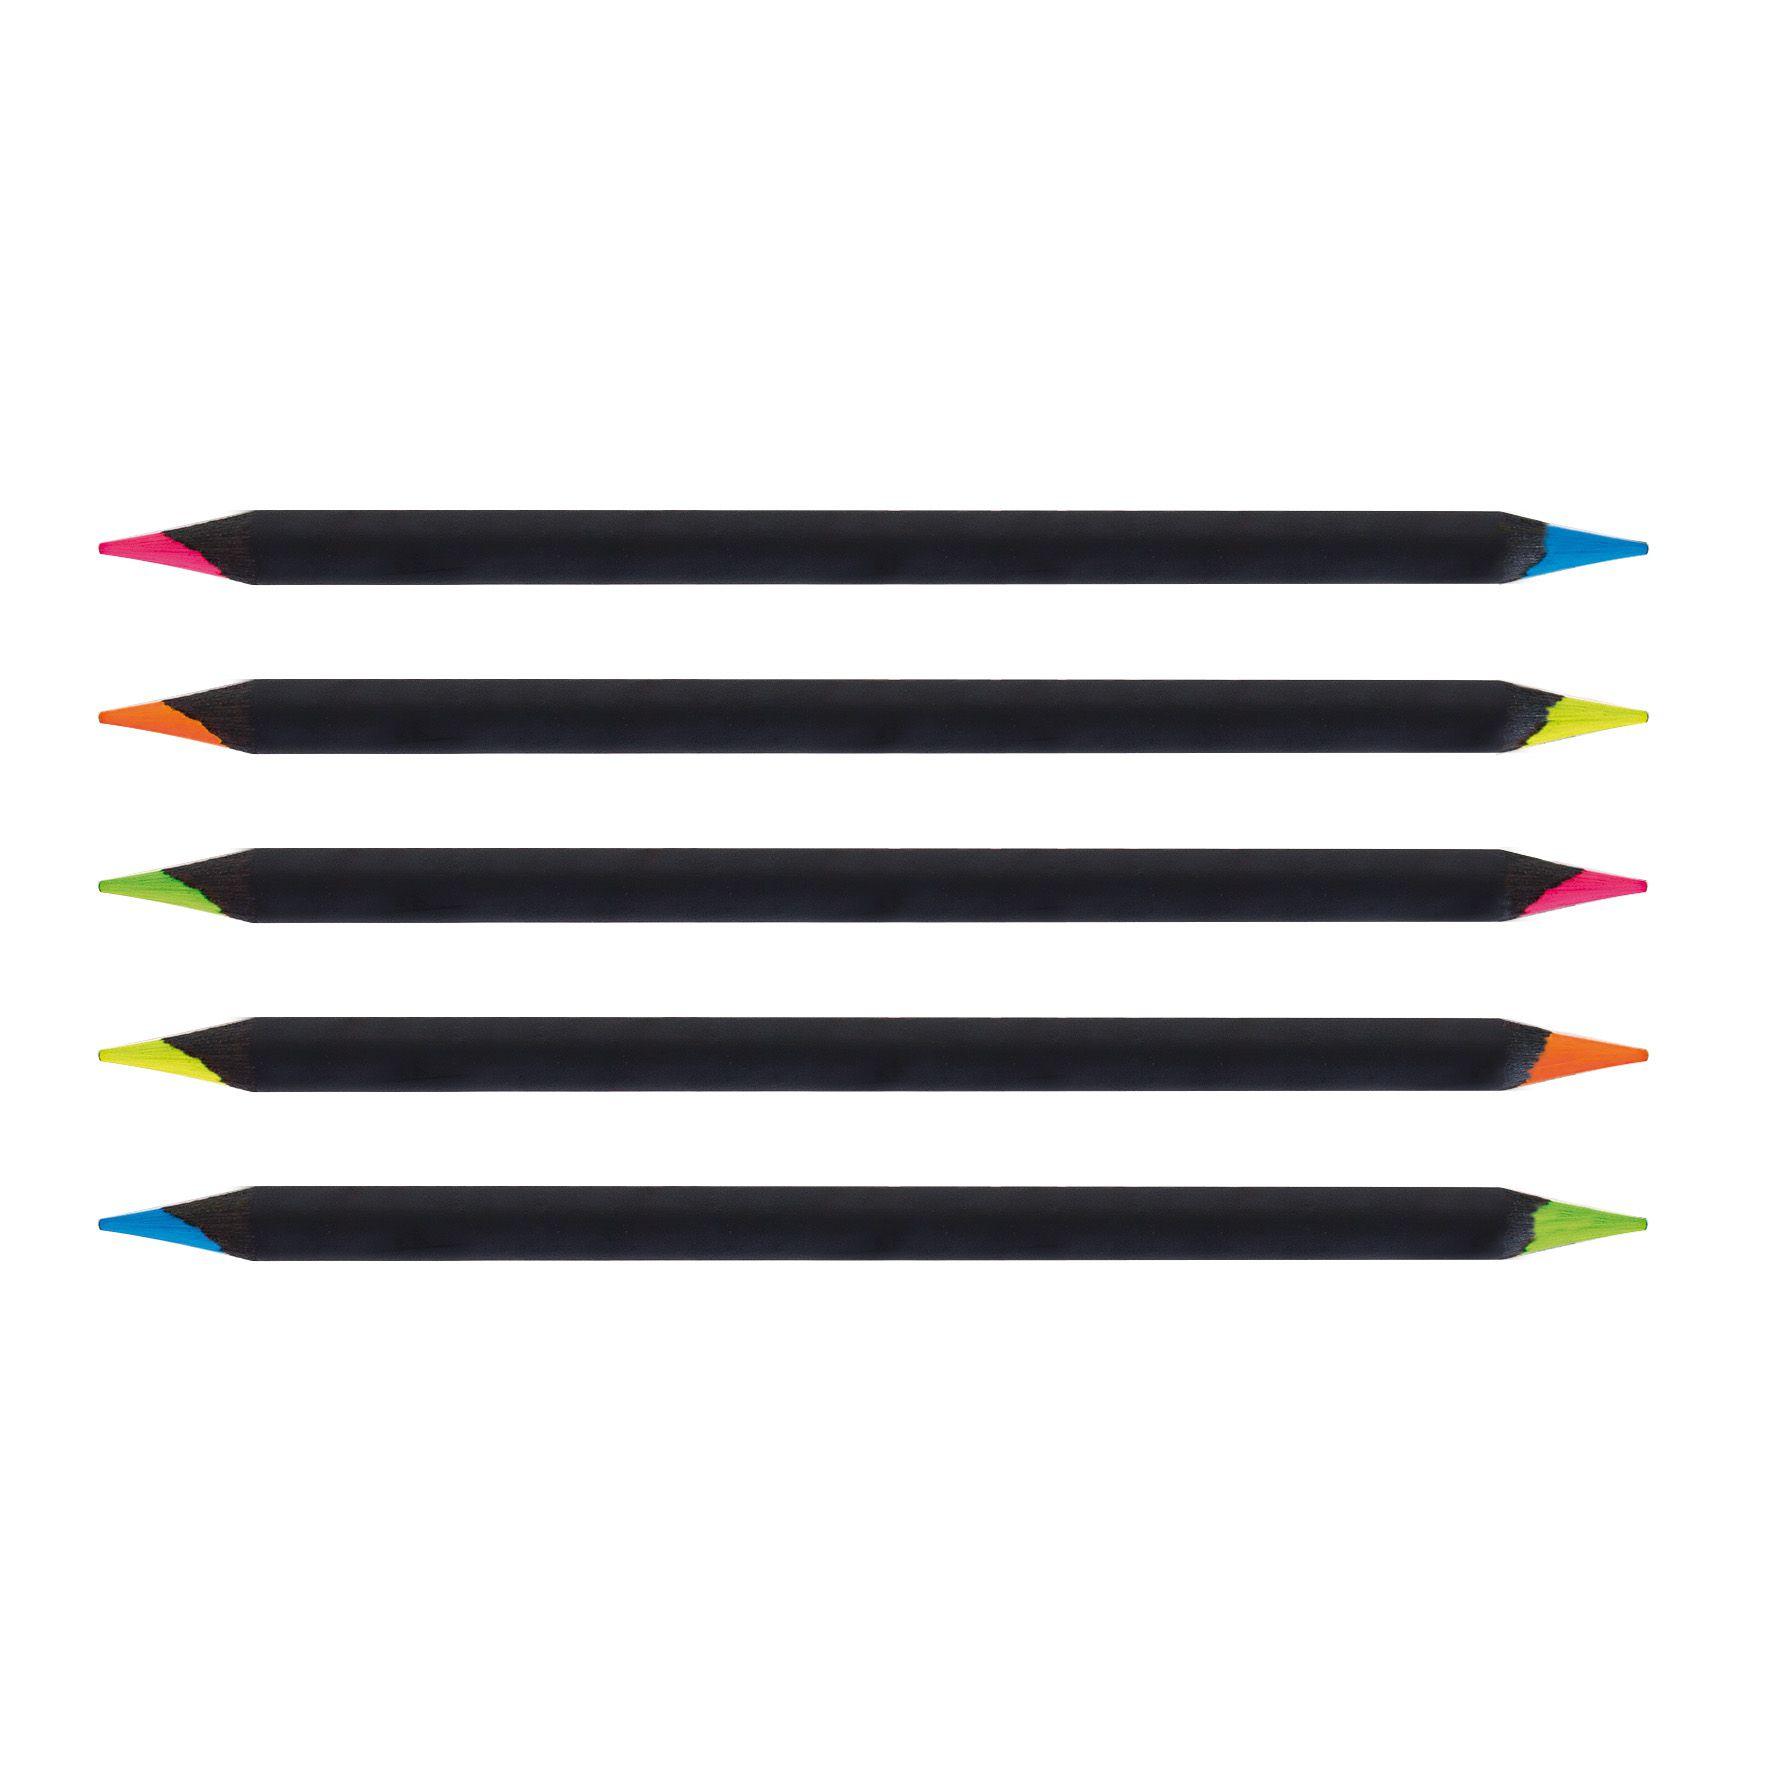 crayon surligneur personnalisé Bicoul Black fluo - crayon publicitaire